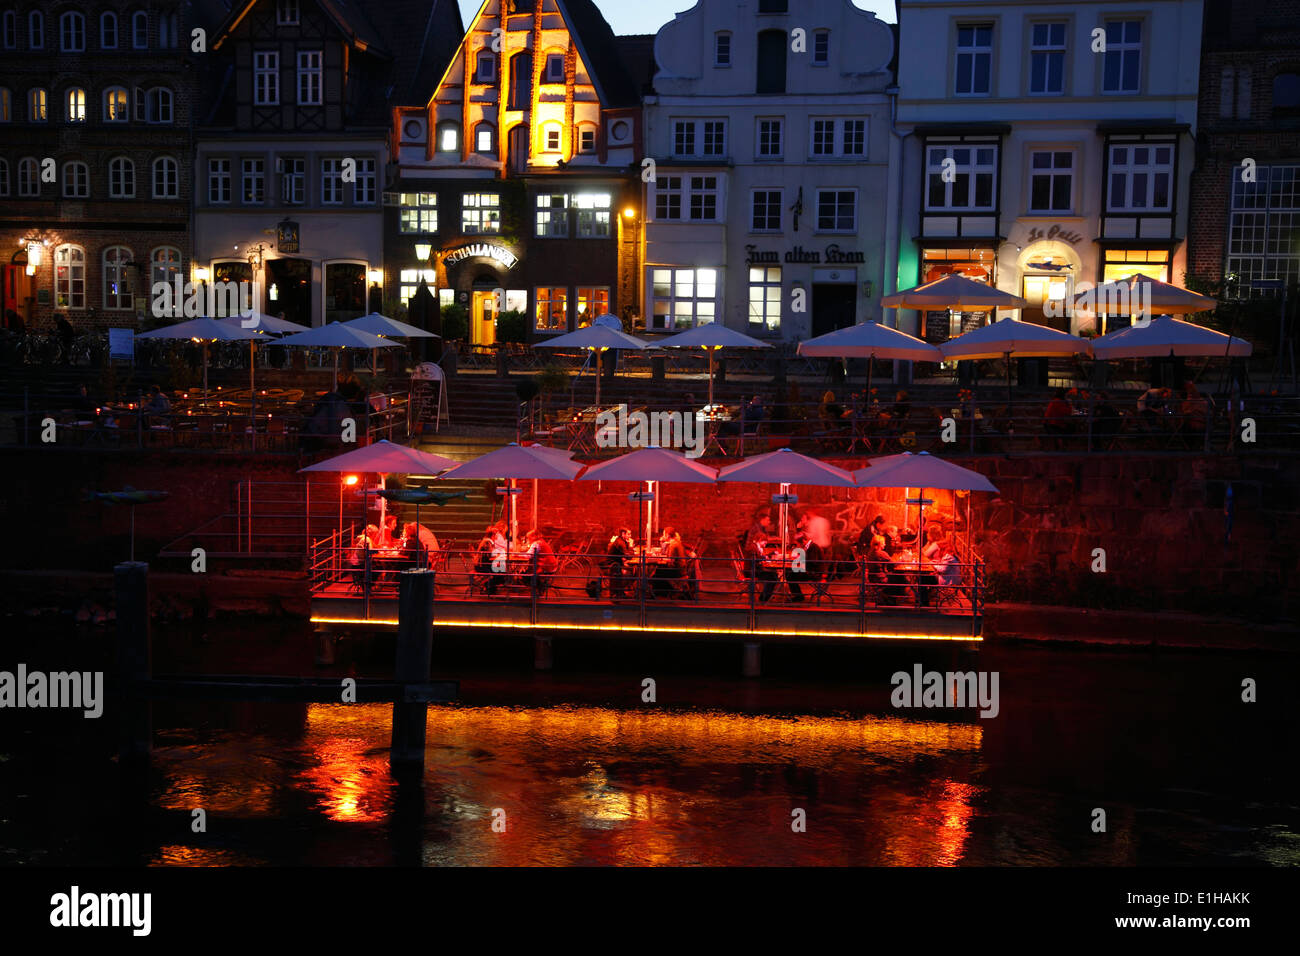 Nachtleben auf weist, Lüneburg, untere Sachsen, Deutschland, Europa Stockbild